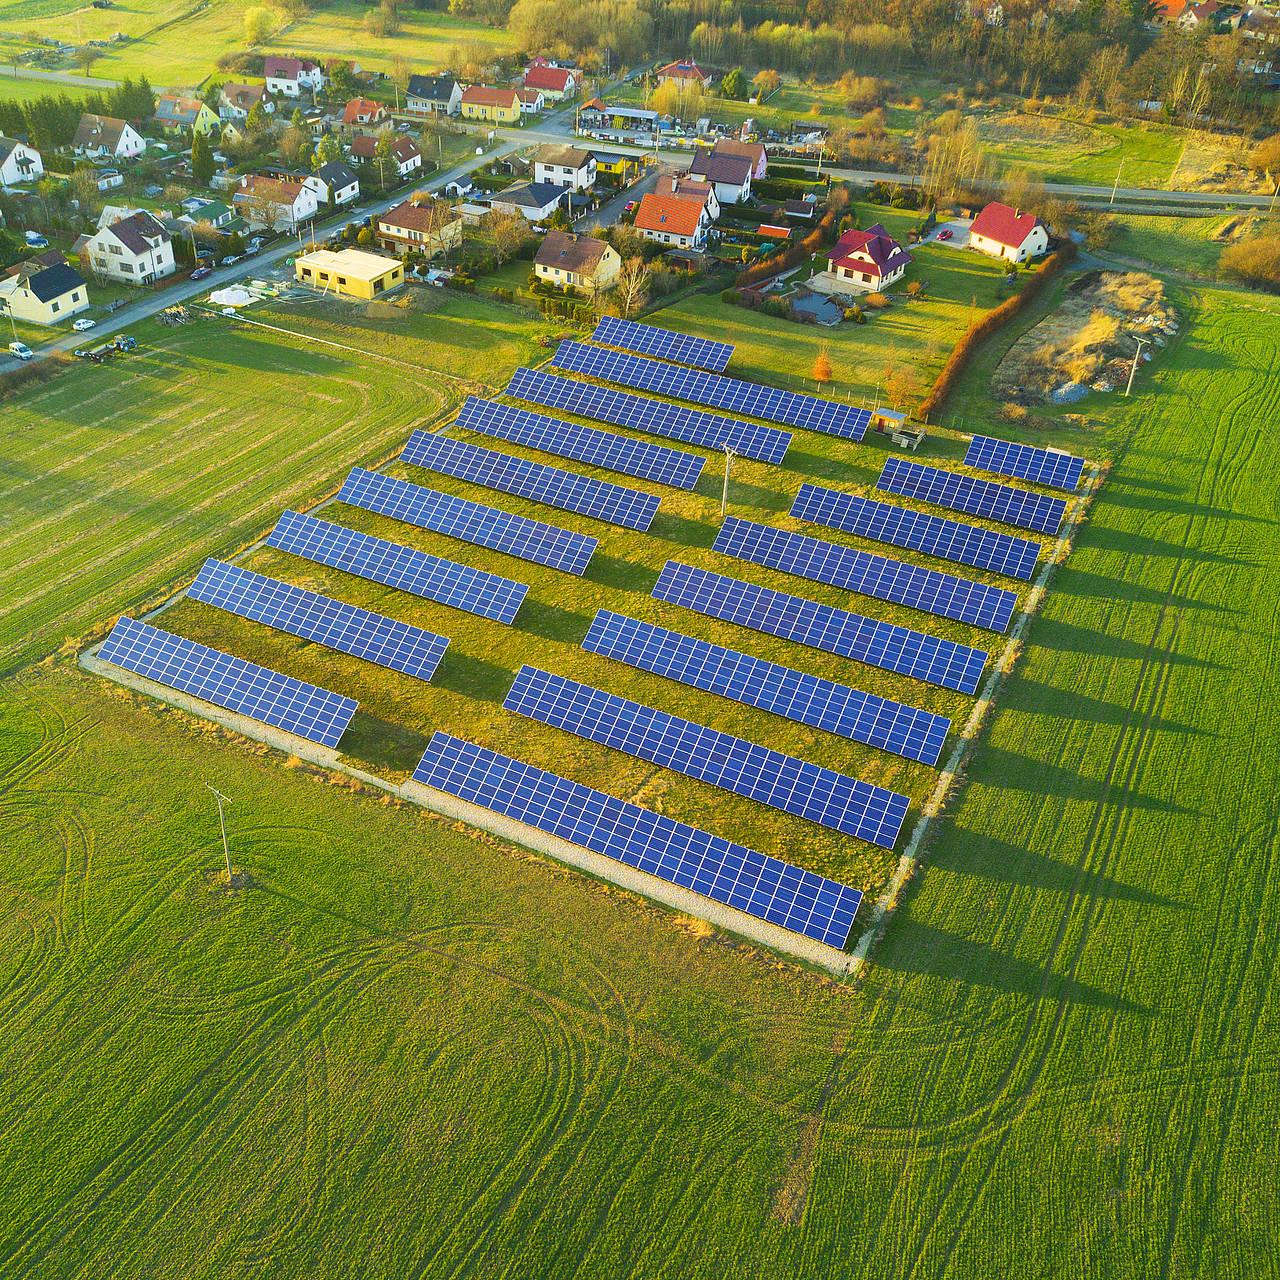 Centrales solaires et contrats d'achat, deux modèles économiques au fort potentiel